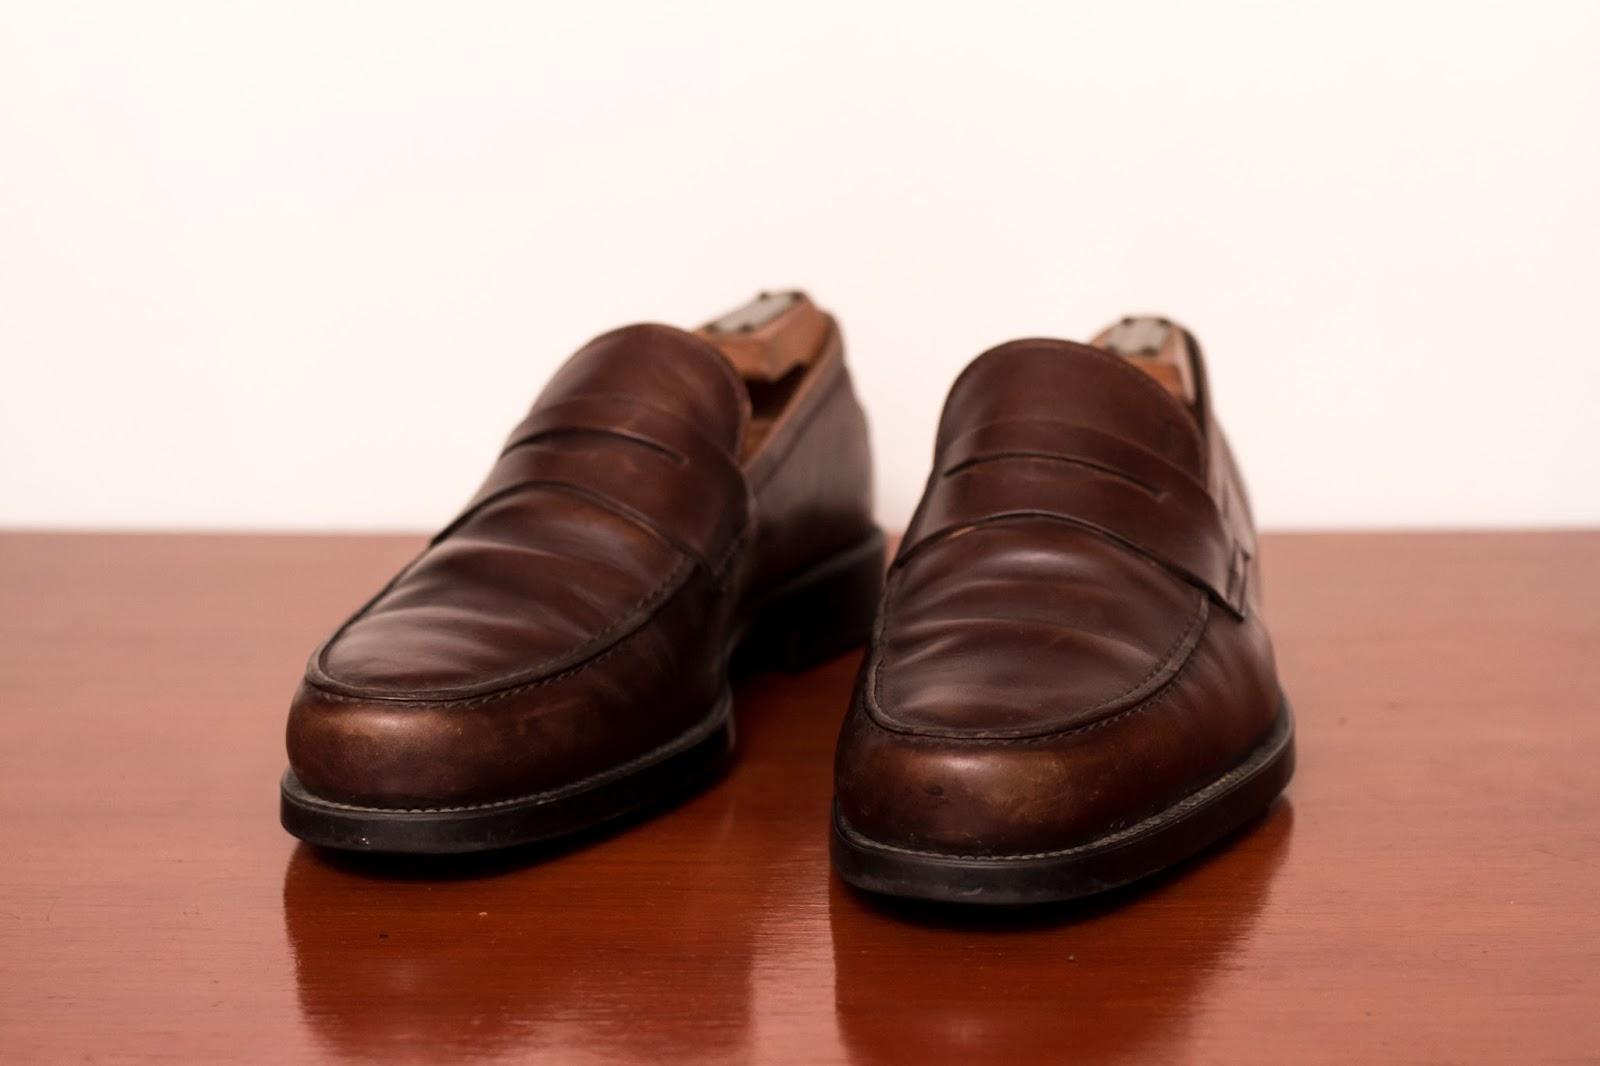 Tutorial Perawatan Sepatu Kulit Dasar Semir Shoe Polish Leather Penny Loafer Dari Tods Sebelum Disemir